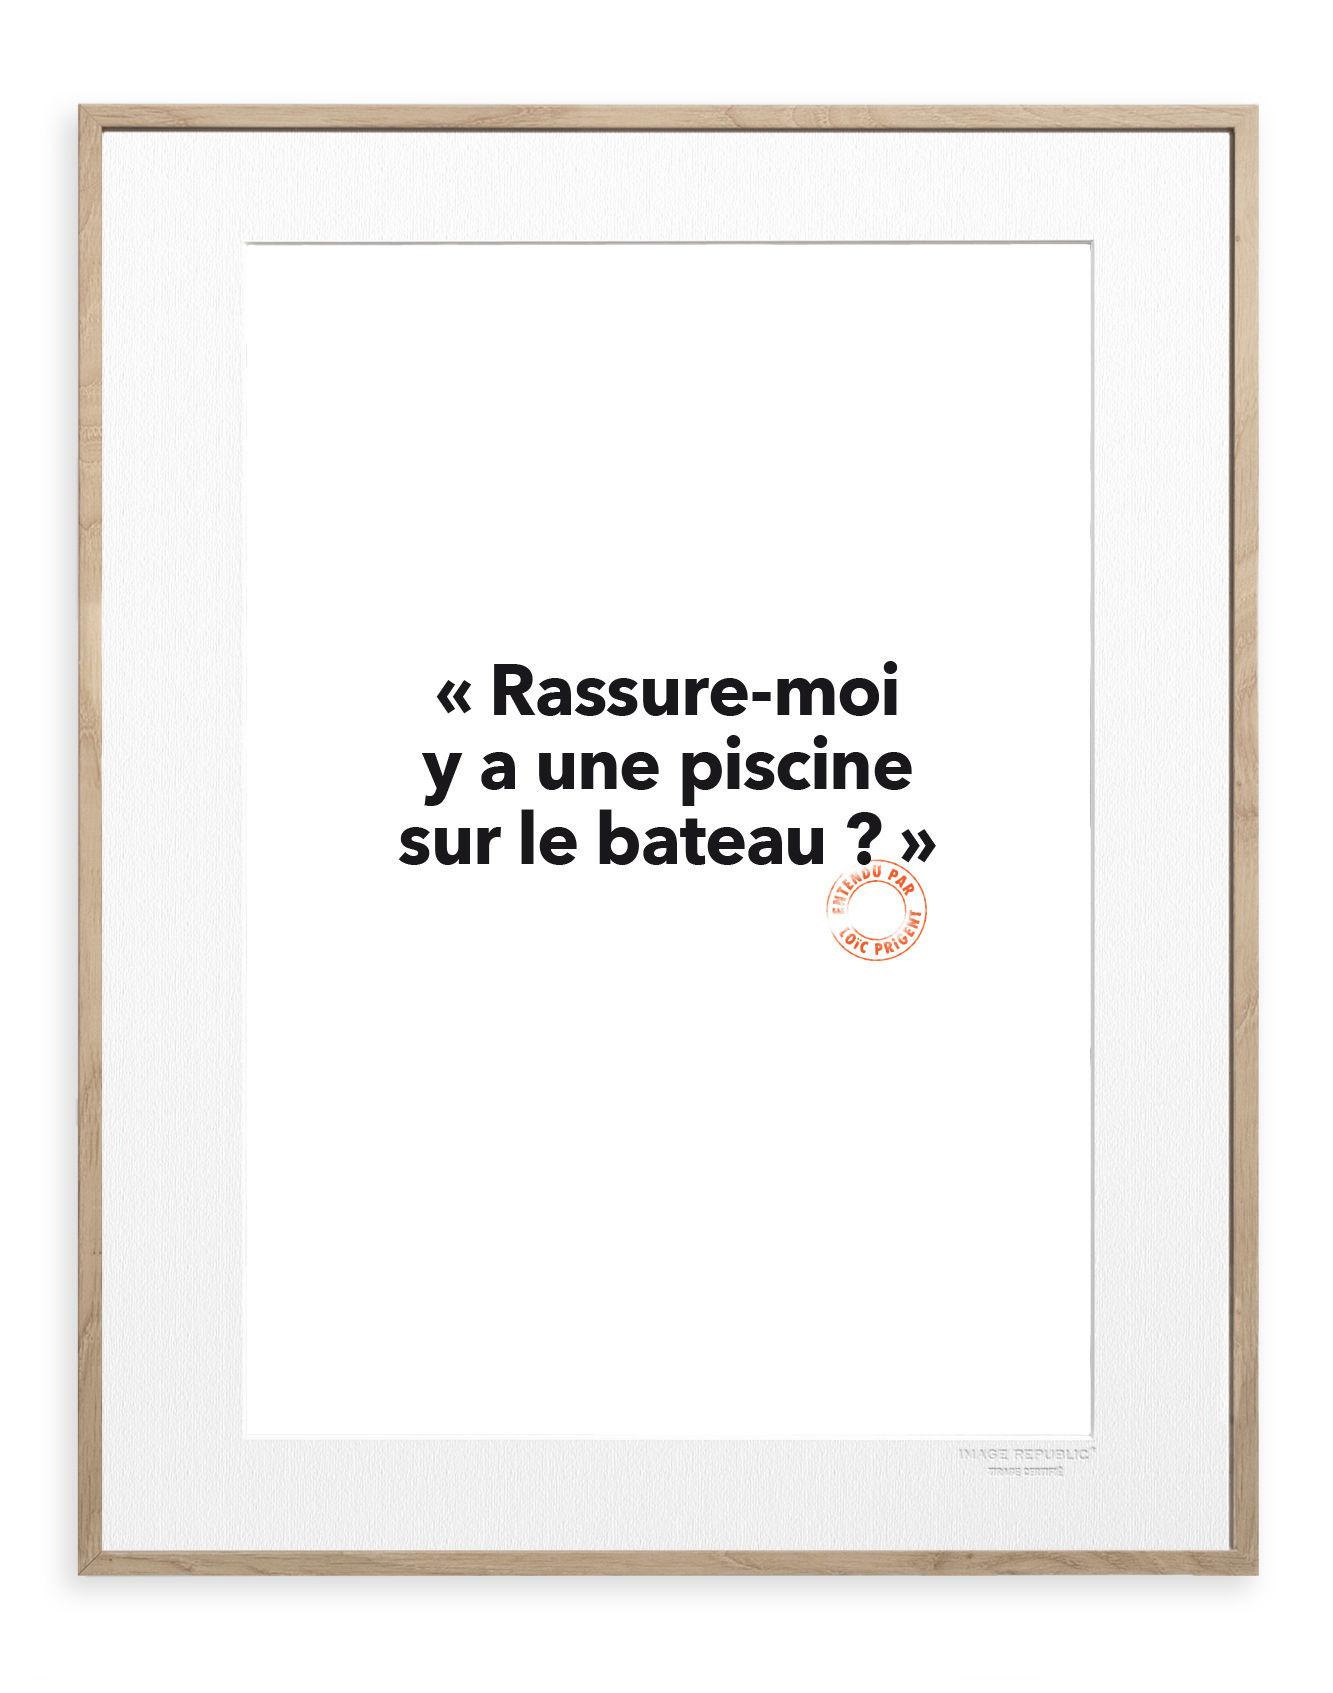 Déco - Stickers, papiers peints & posters - Affiche Loïc Prigent - Y a une piscine / 30 x 40 cm - Image Republic - Y a une piscine - Papier